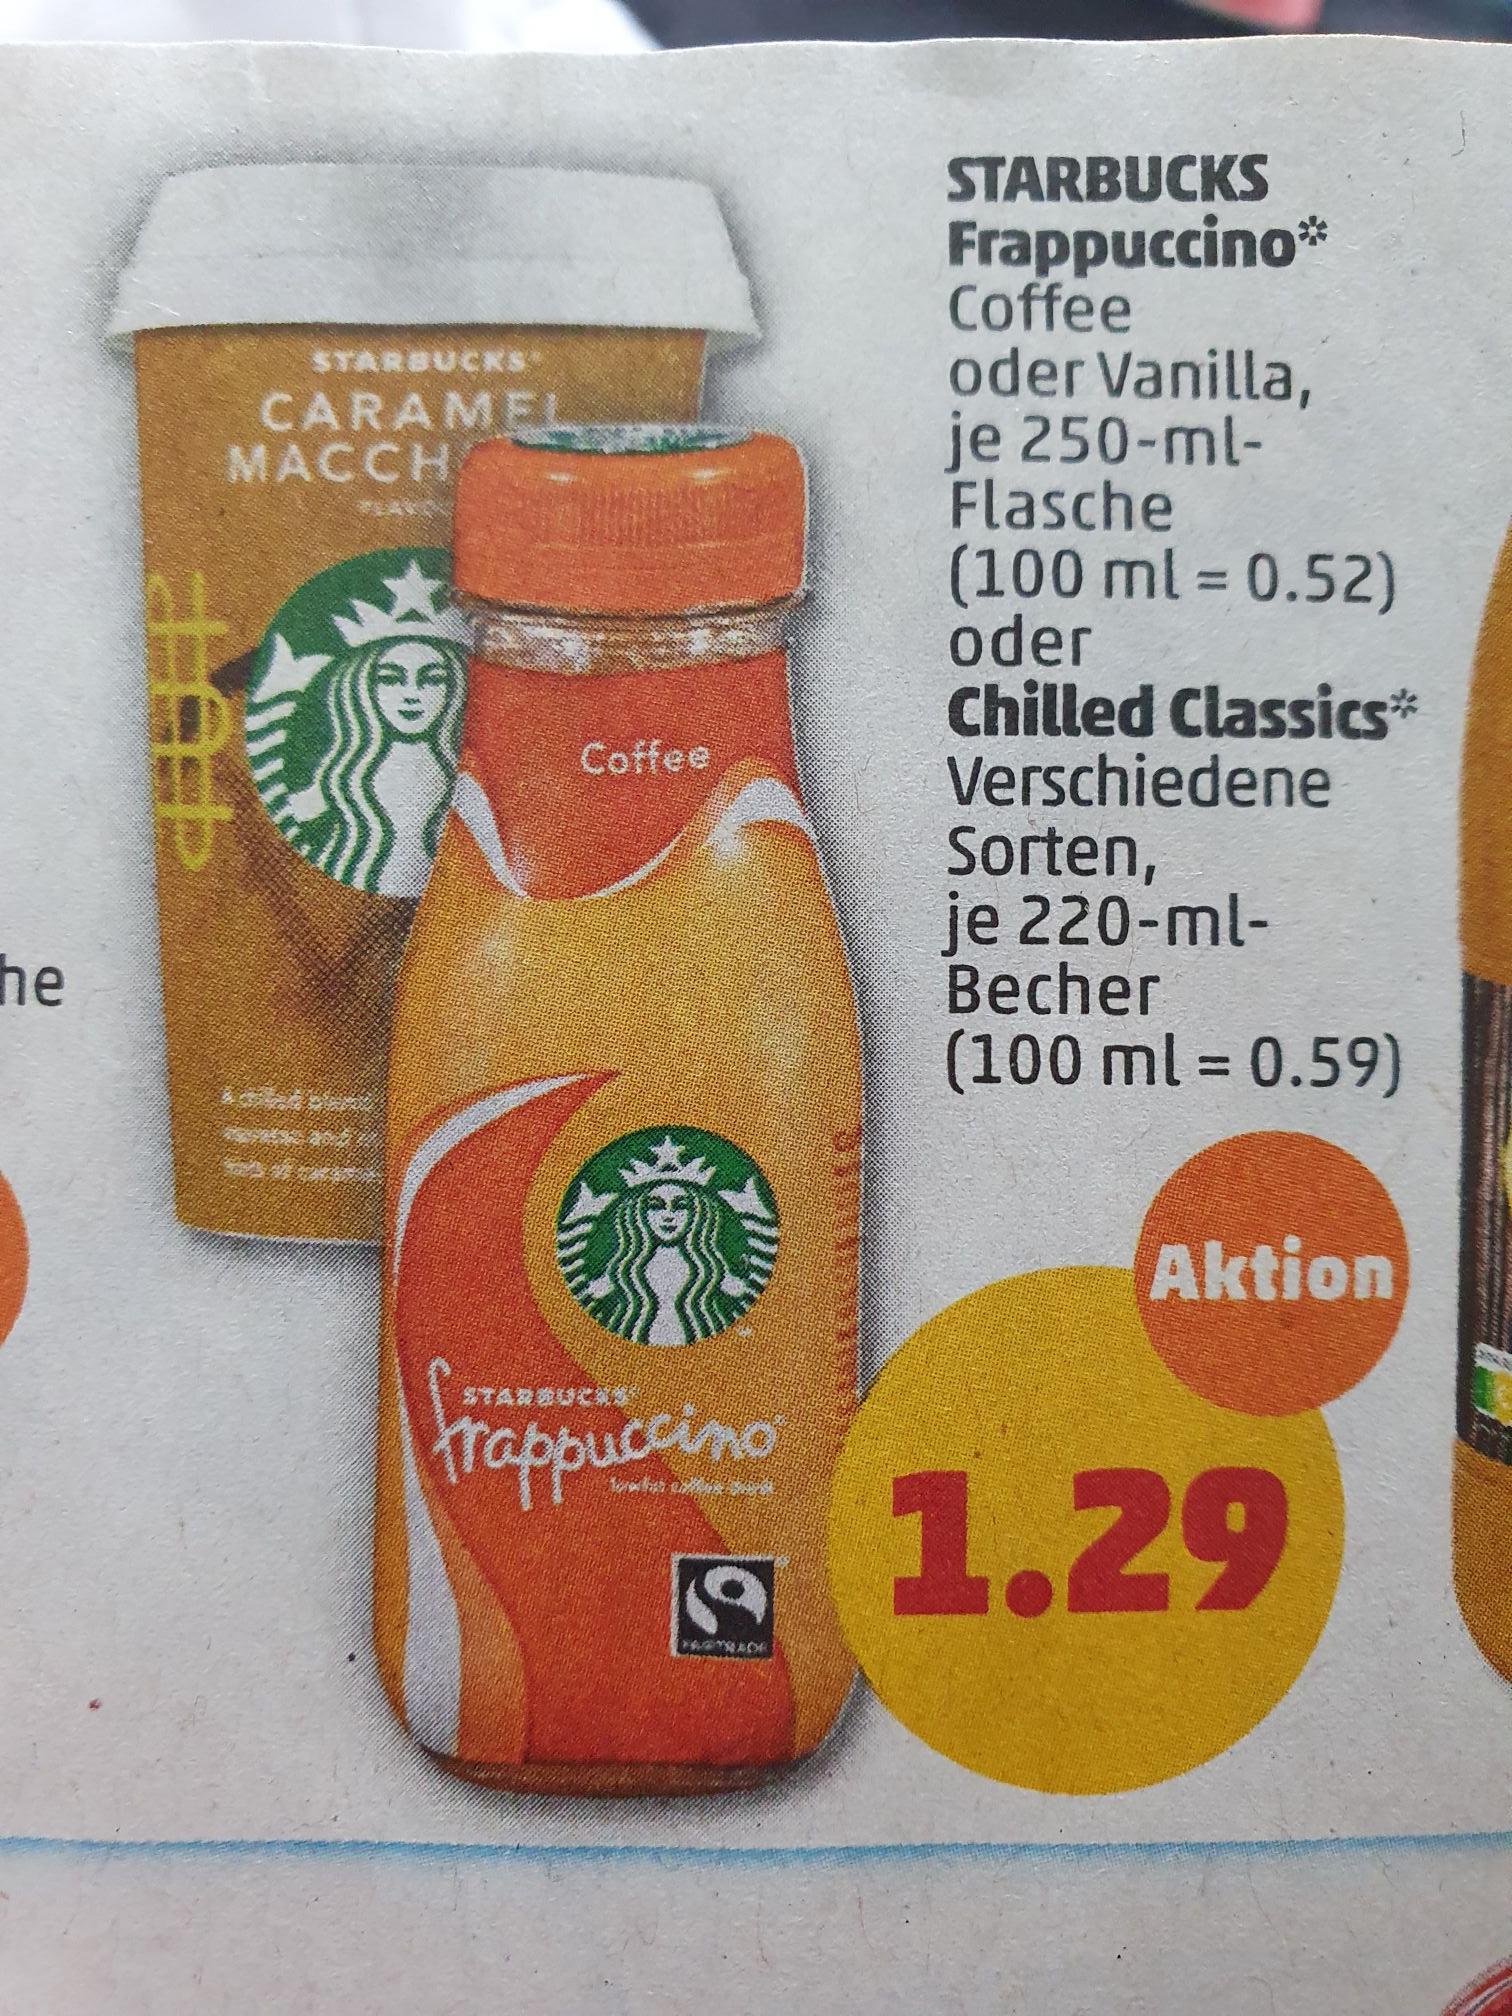 (COUPIES) Starbucks Milchmischgetränk, versch. Sorten, 220ml (mit Cashback für 0,59€)